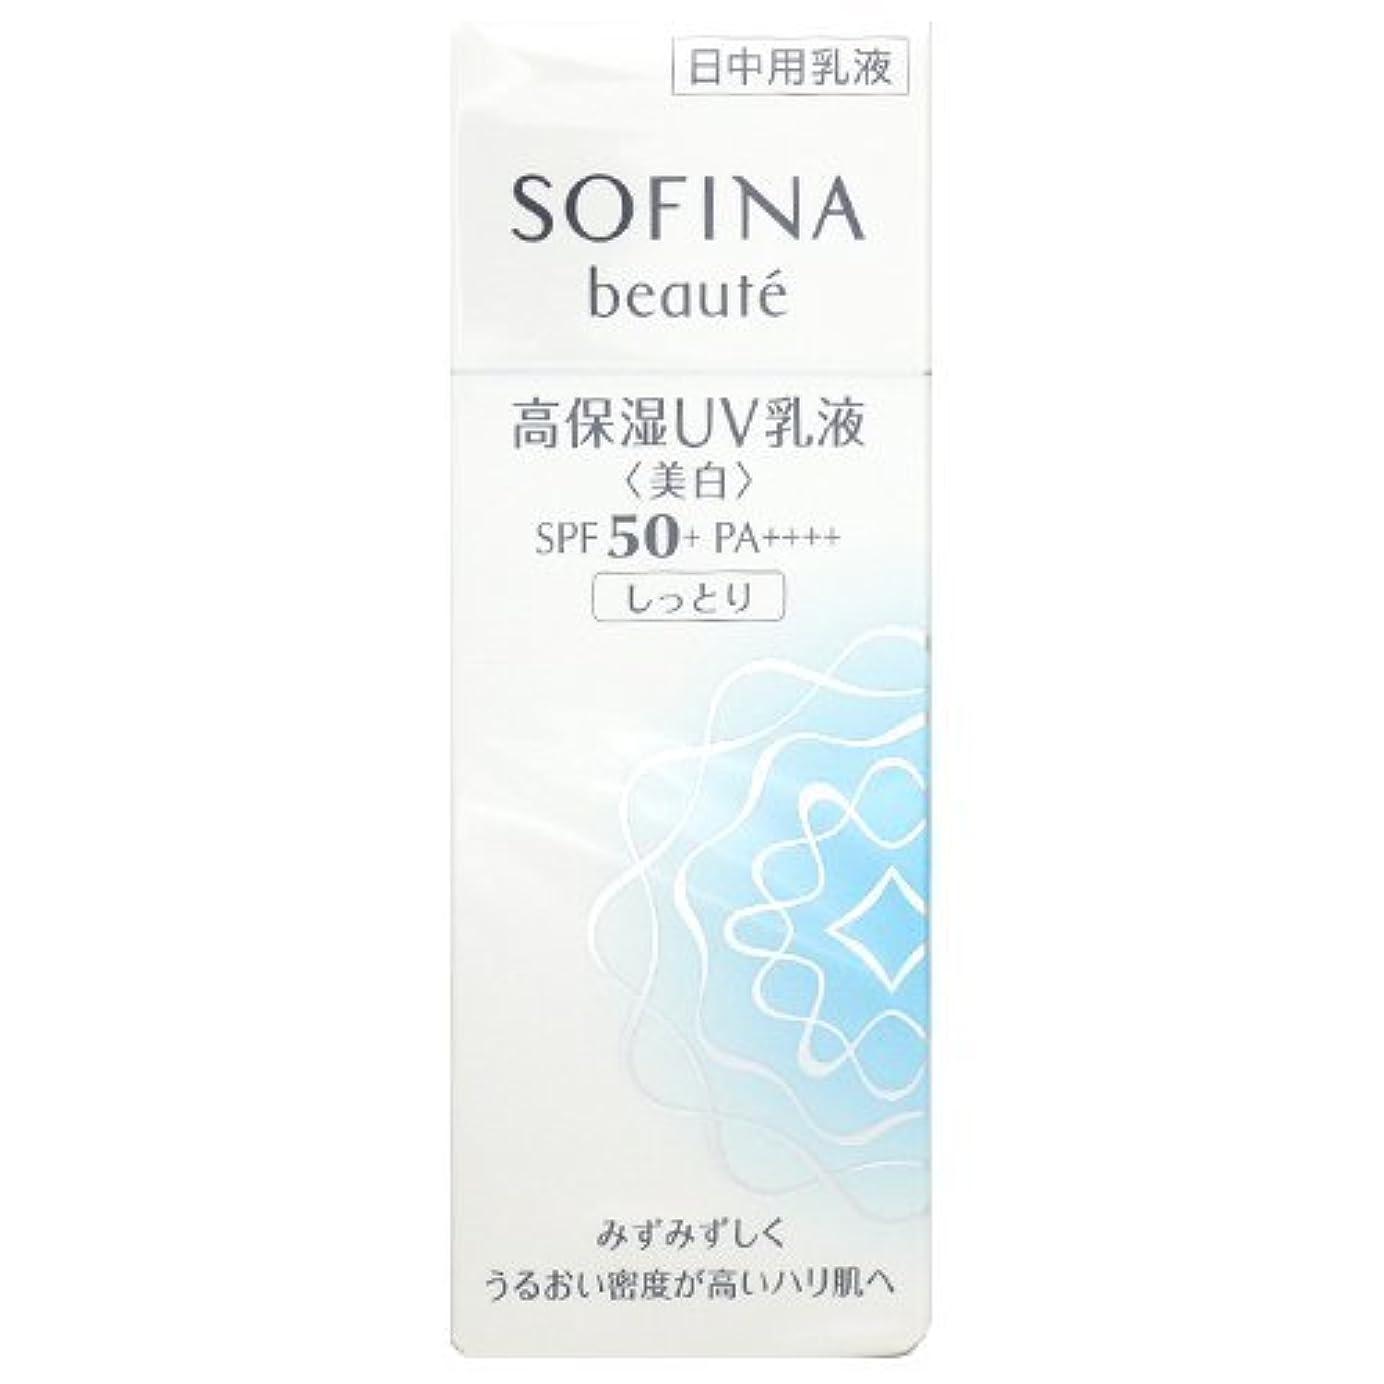 巨大作者リゾート花王 ソフィーナ ボーテ SOFINA beaute 高保湿UV乳液 美白 SPF50+ PA++++ しっとり 30g [並行輸入品]